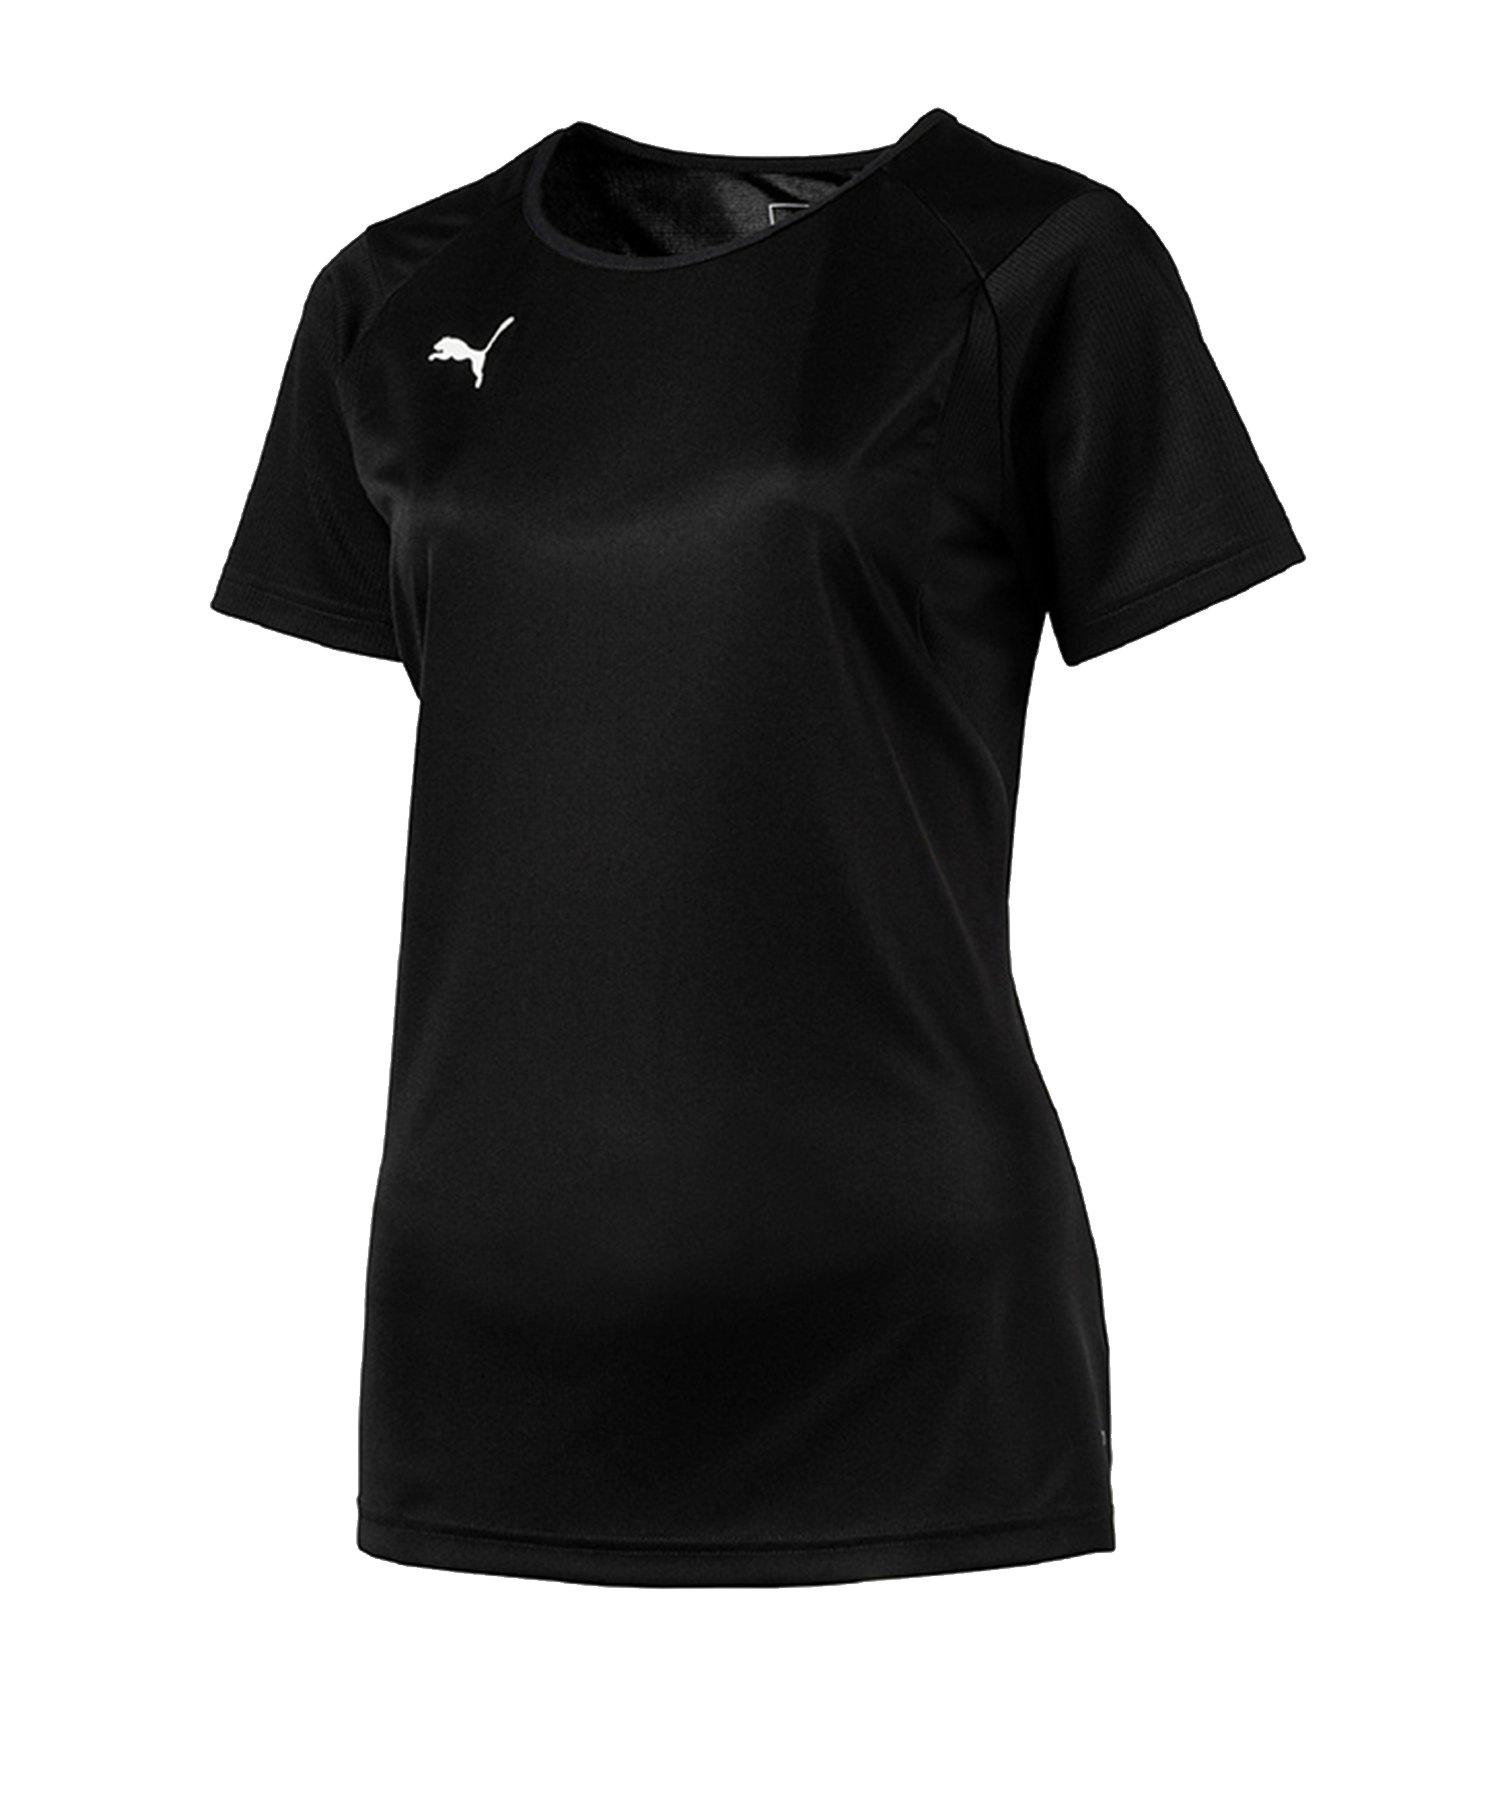 PUMA LIGA Training T-Shirt Damen Schwarz F03 - schwarz